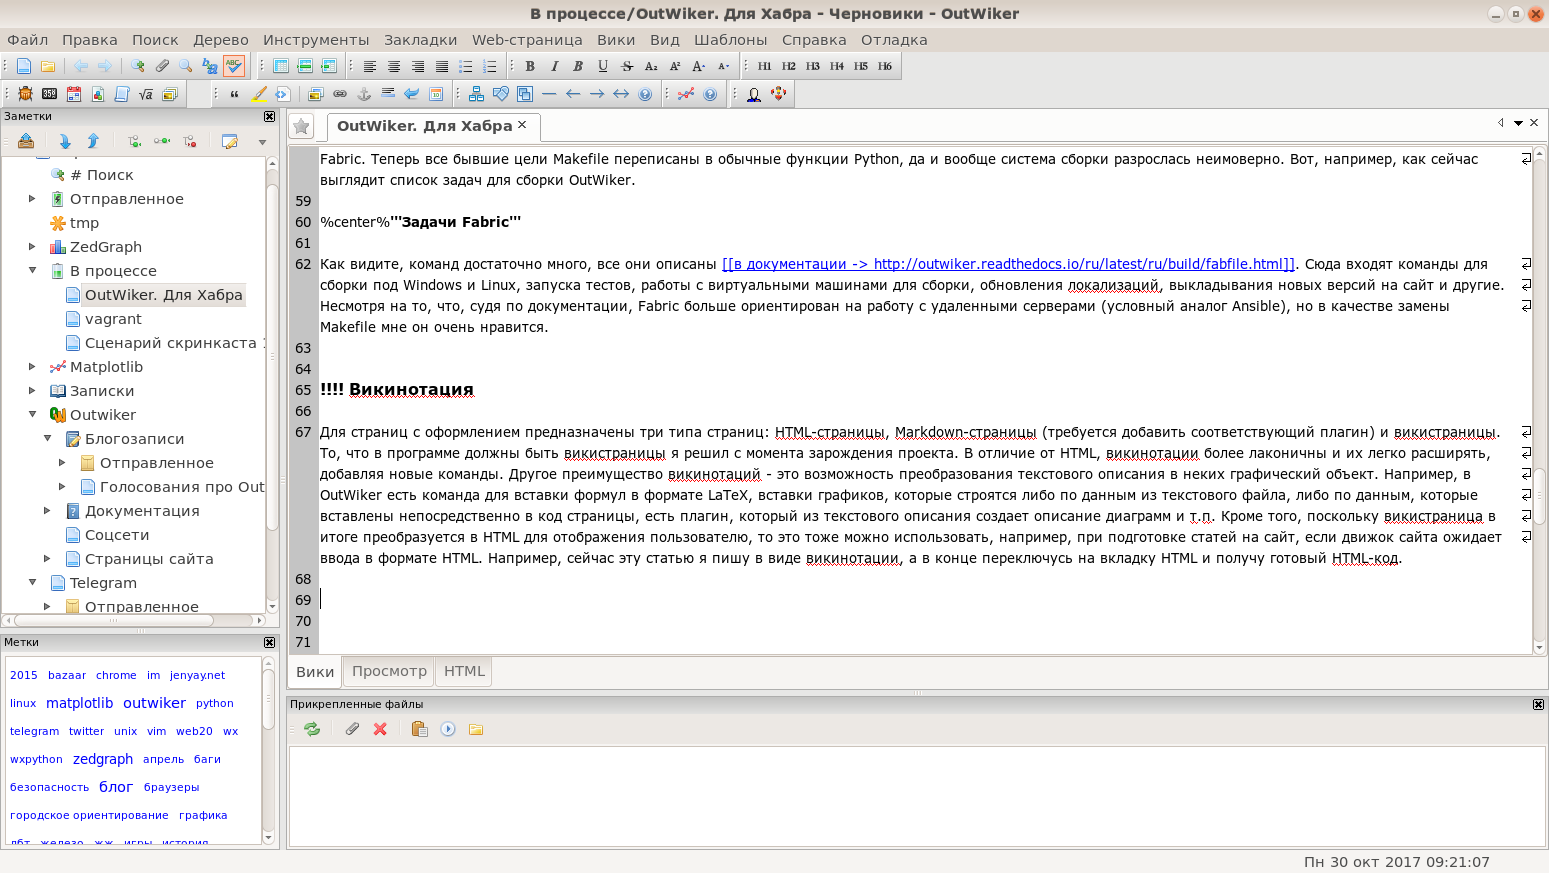 О разработке одного desktop-приложения на Python - 4